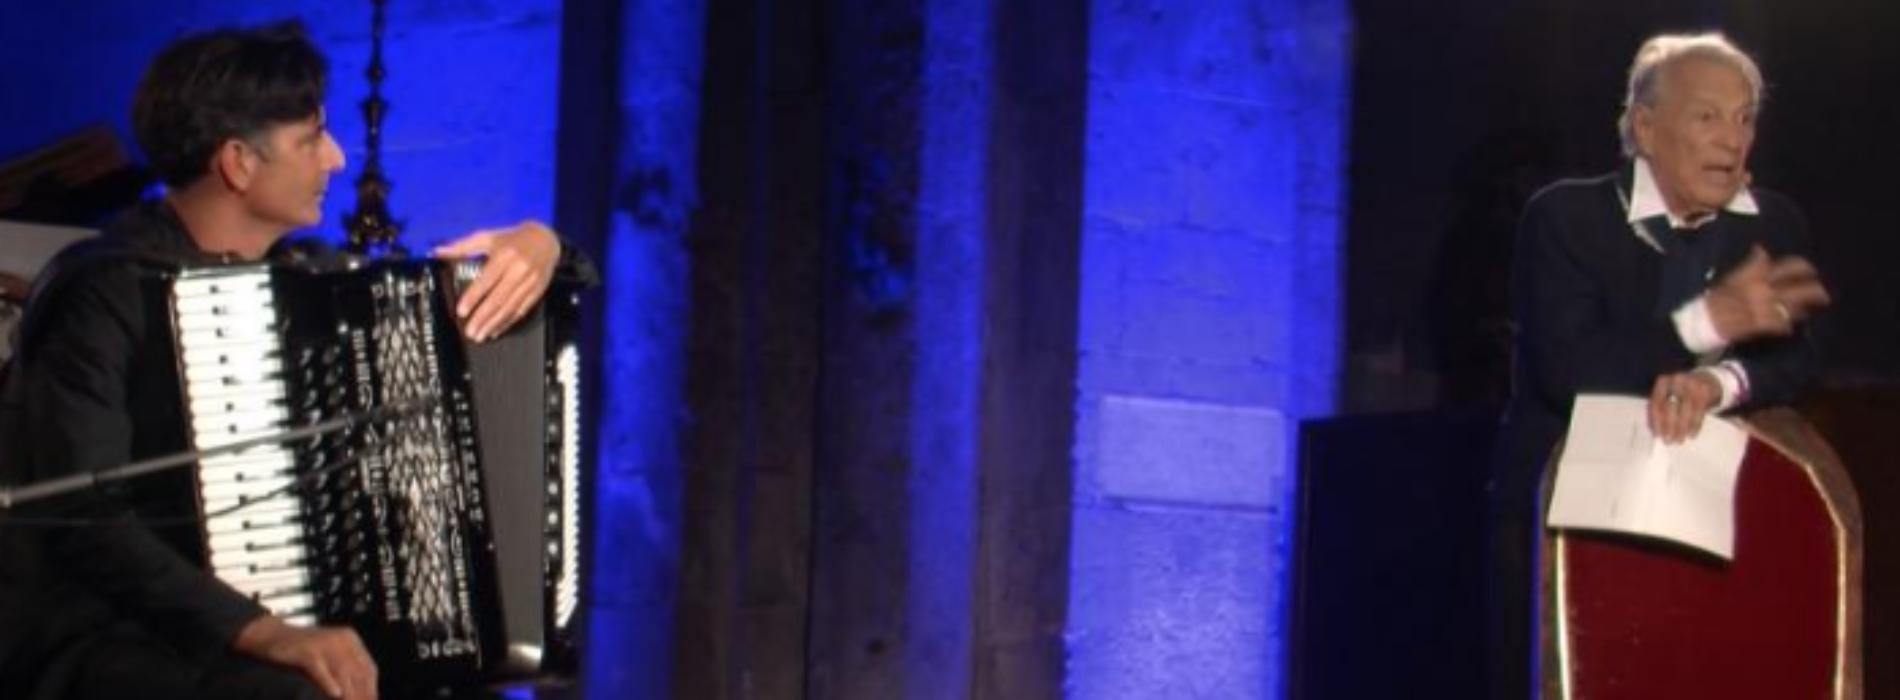 Un saluto commosso a Giorgio Albertazzi, protagonista a Caserta e nel mondo